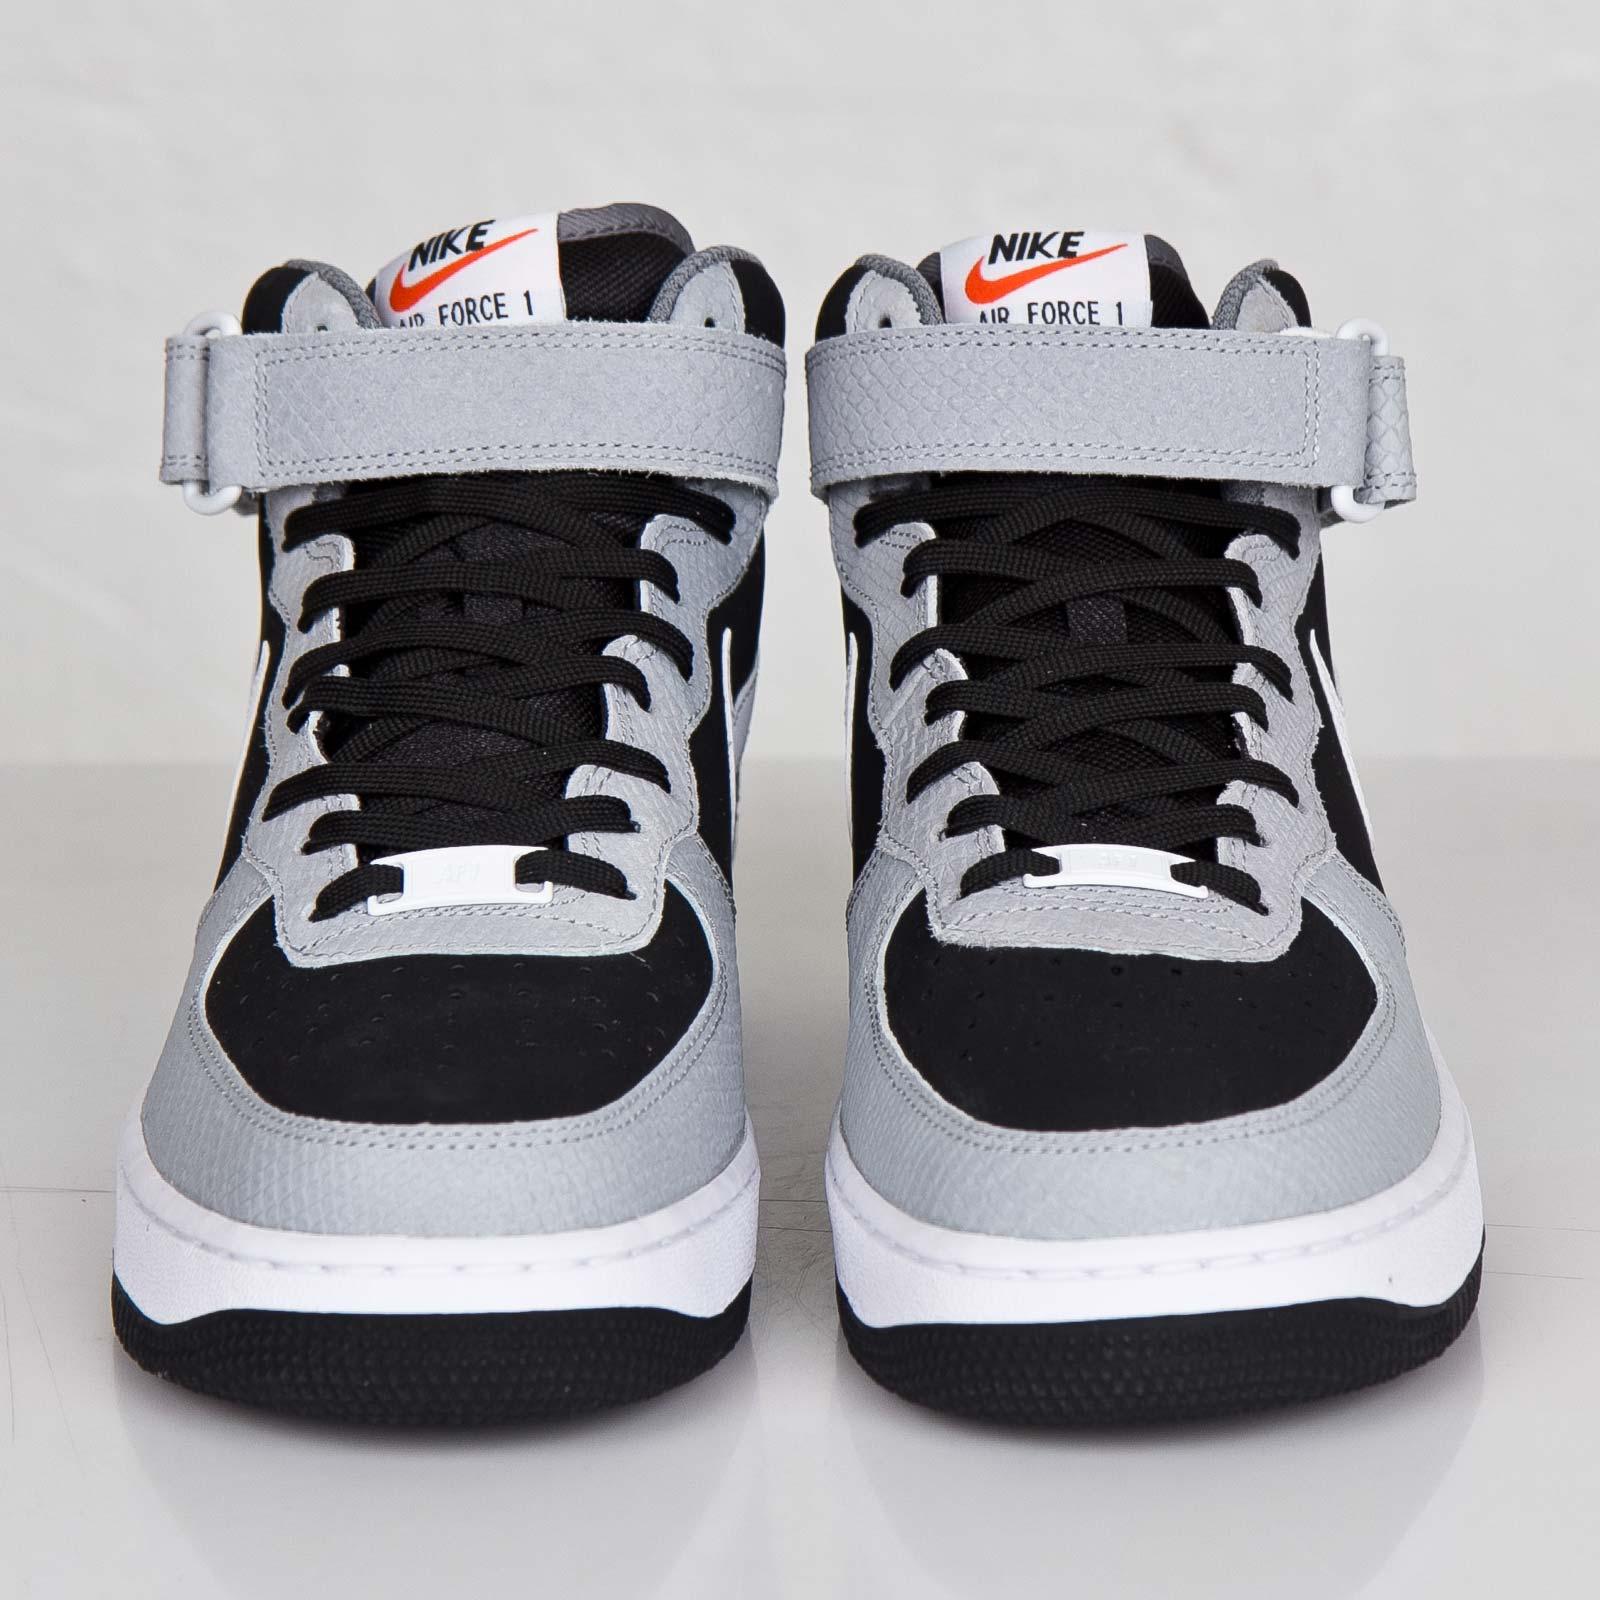 Nike Air Force 1 Mid 07 315123 024 Sneakersnstuff